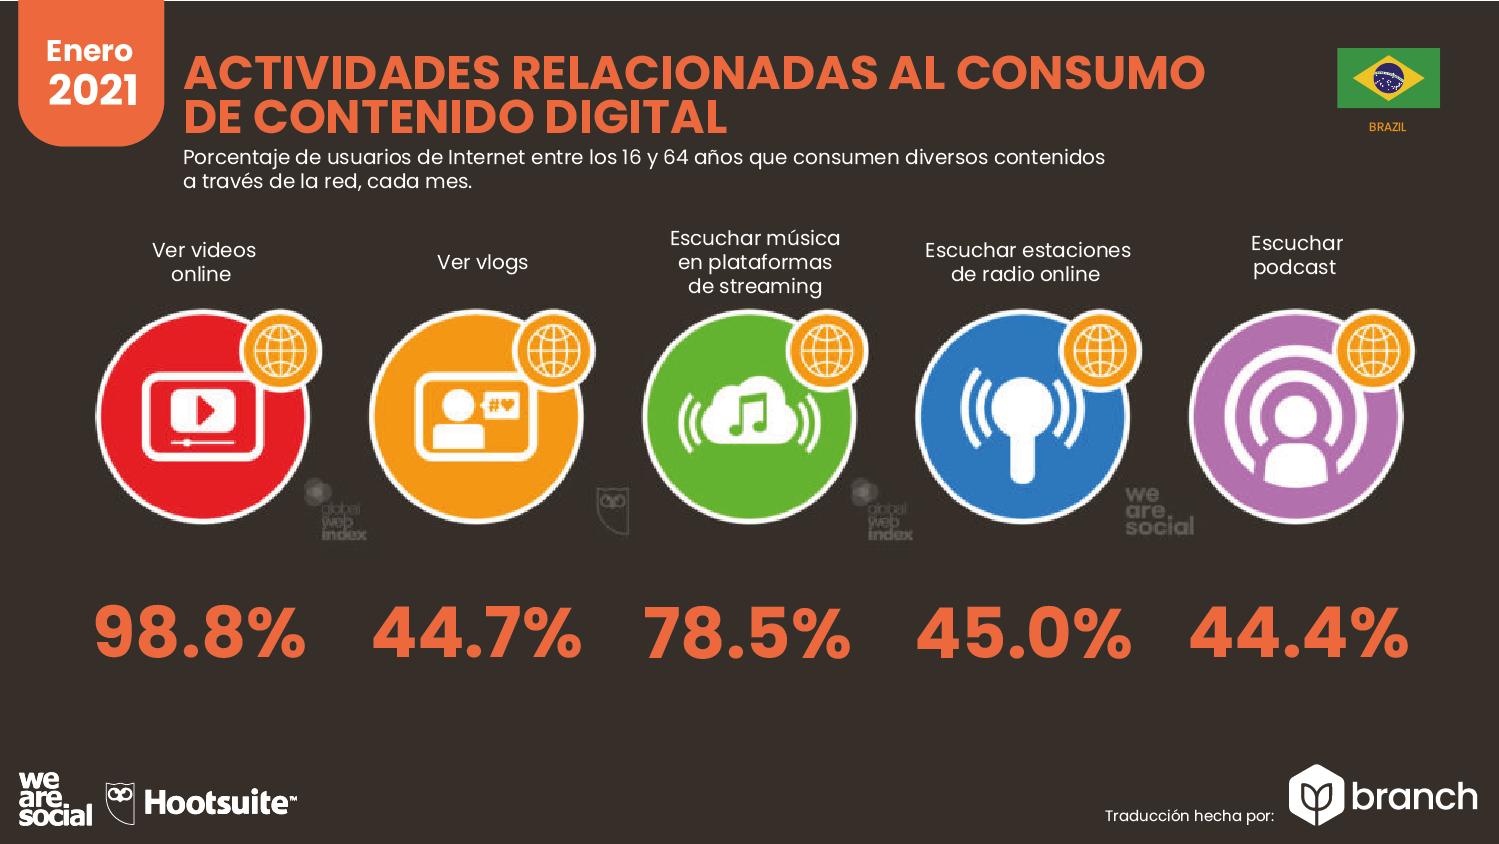 actividades-relacionadas-al-consumo-de-contenido-digital-brasil-2020-2021